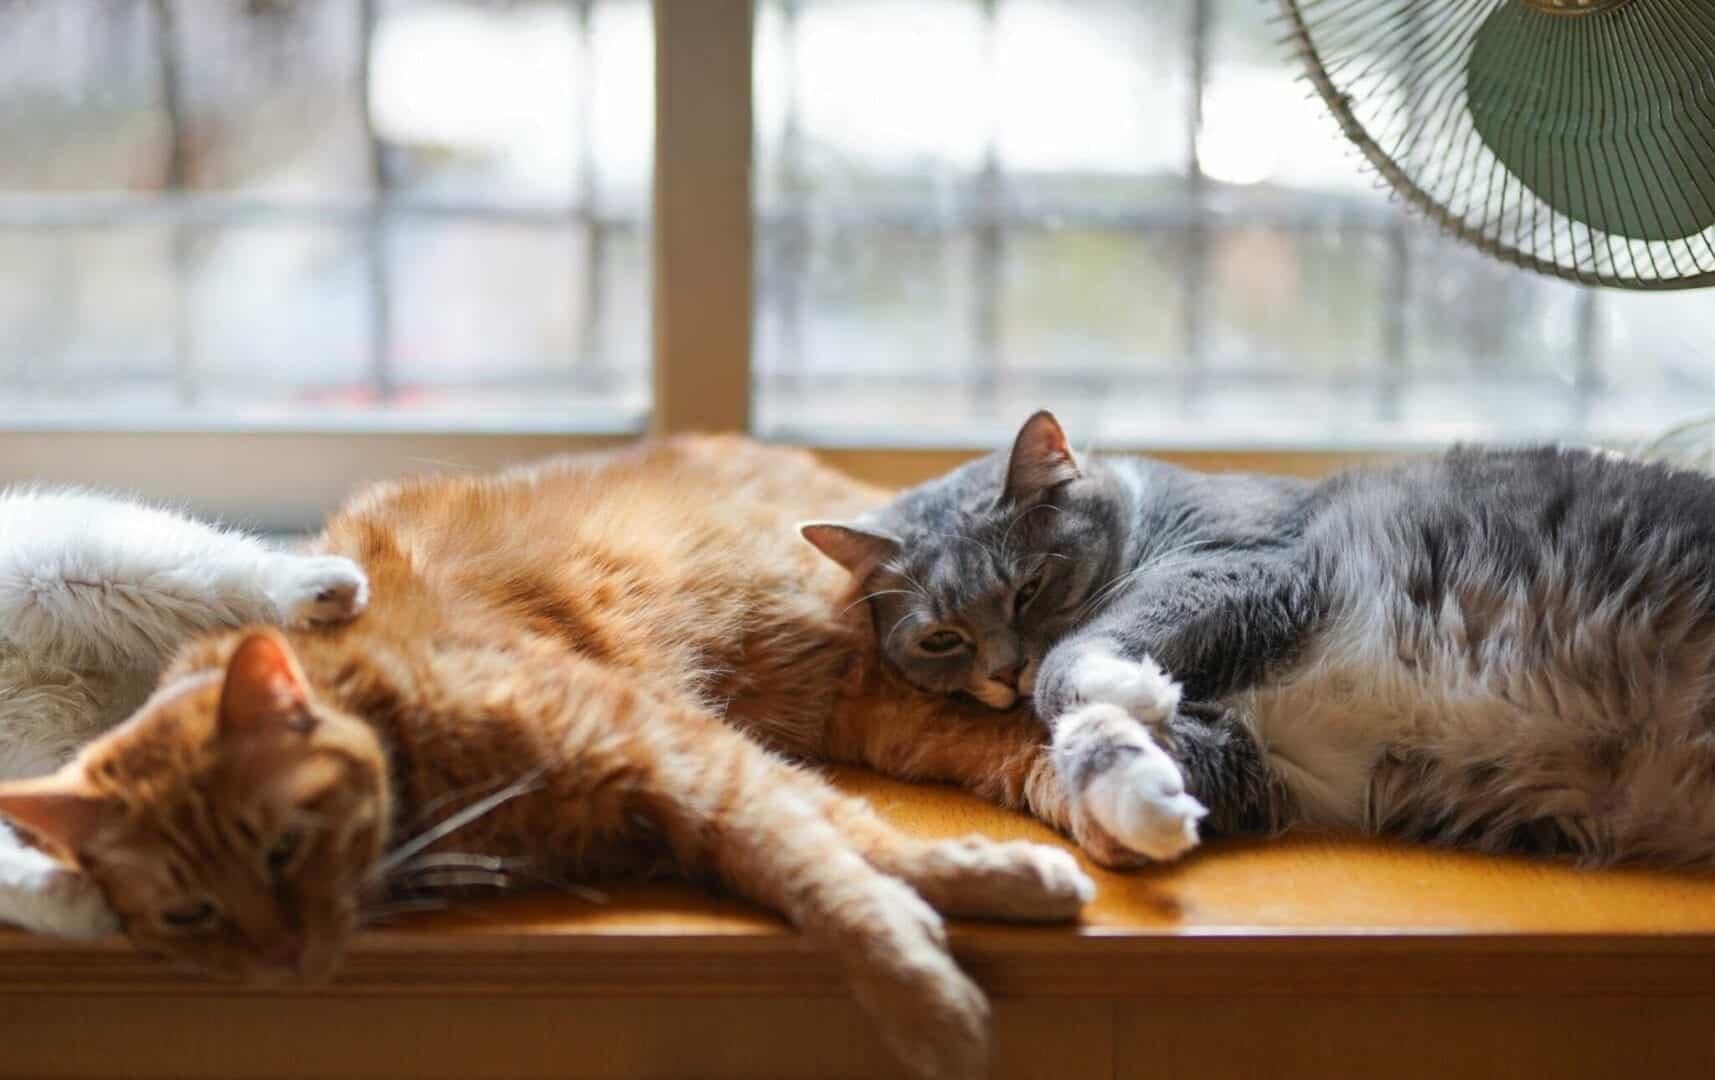 cats grieve